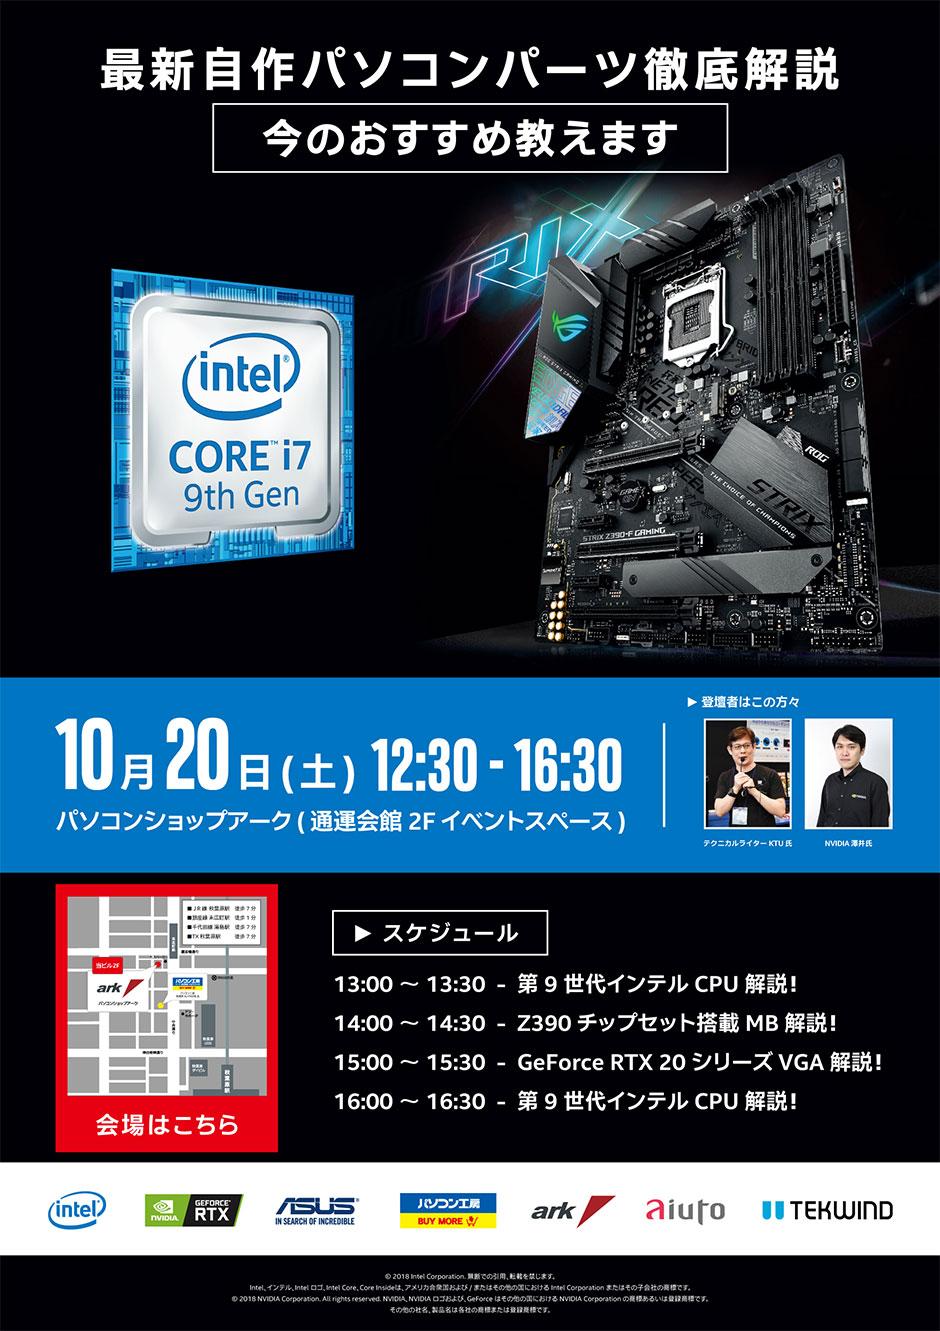 新CPU & 新VGA 最新自作パソコンパーツ徹底解説セッション開催!